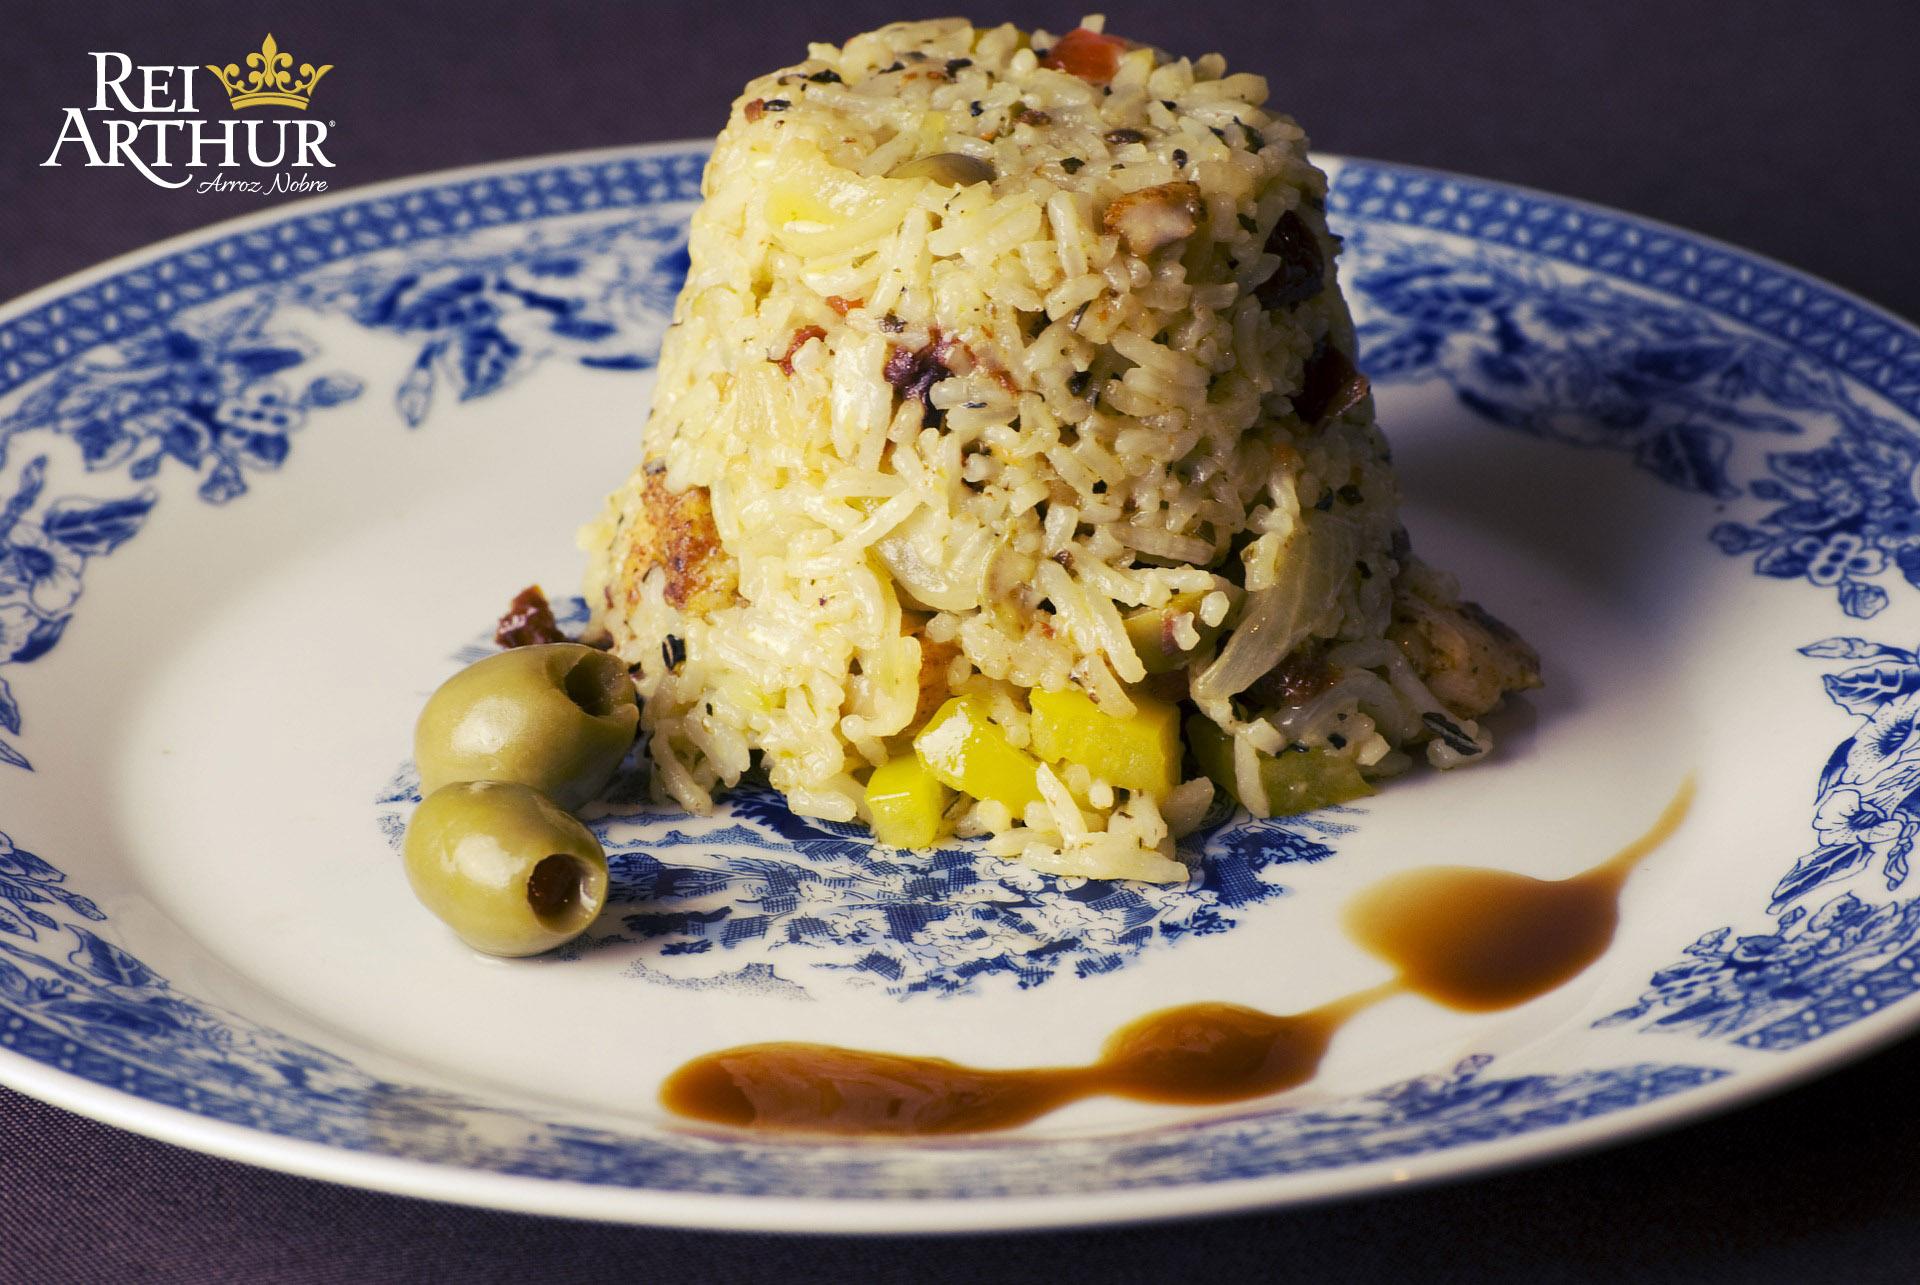 arroz frito com frango copy